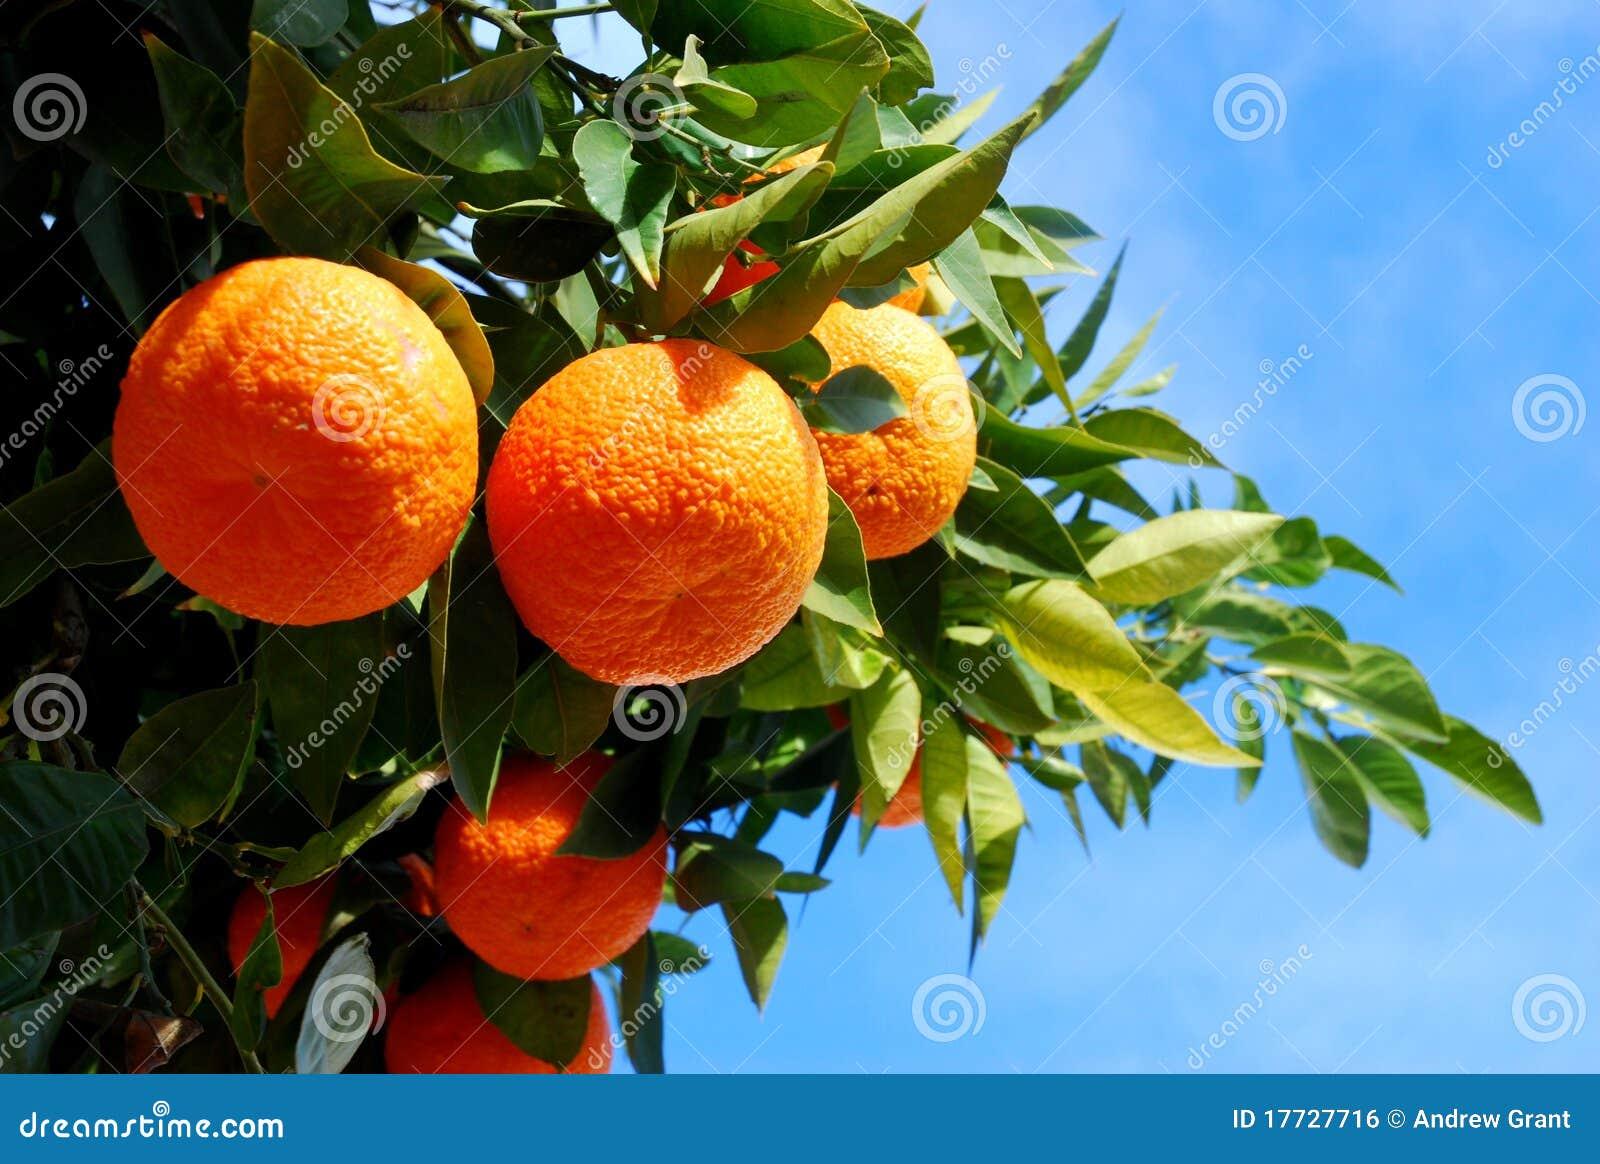 Pomarańcze drzewne